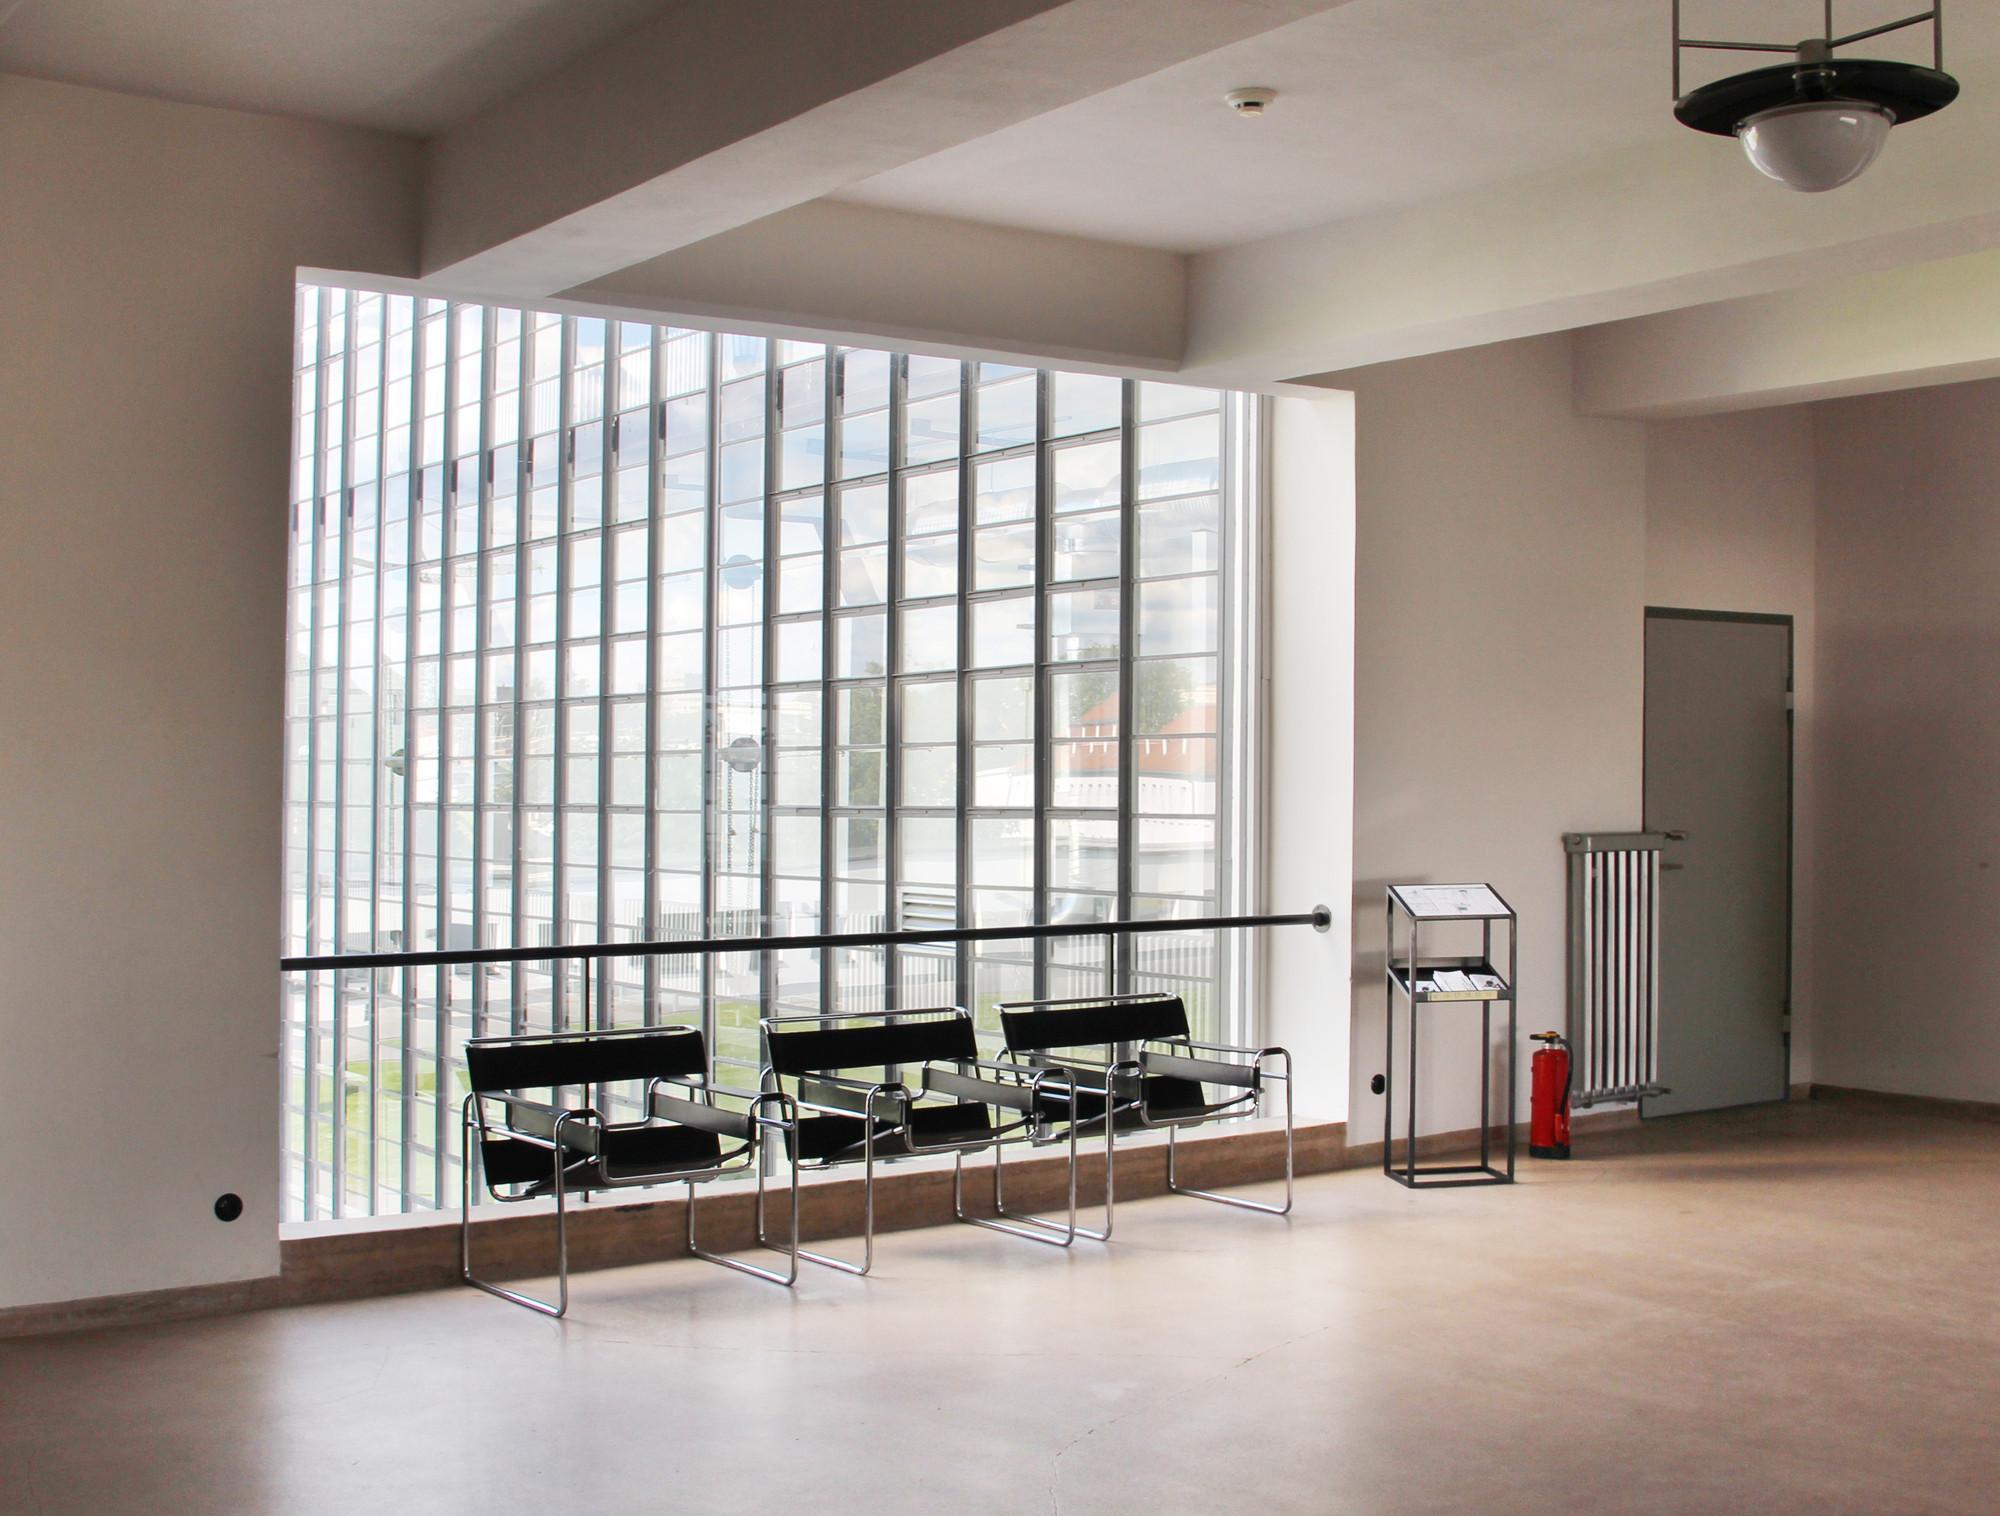 Bauhaus Interiors Gallery Of Ad Classics Dessau Bauhaus  Walter Gropius  25